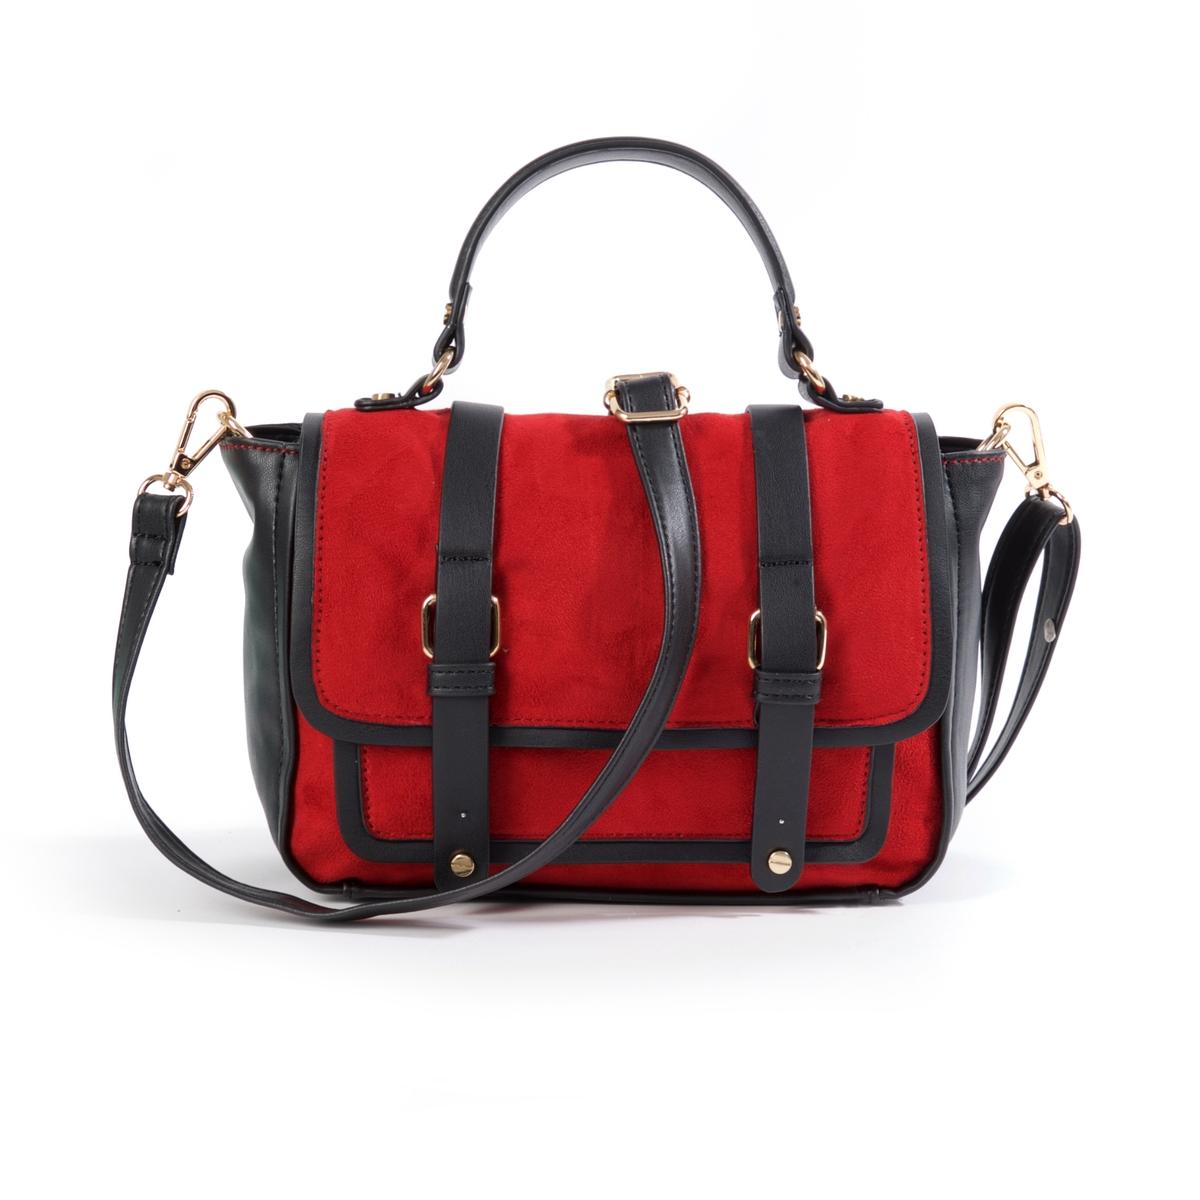 Сумка-портфельМодная и практичная сумка-портфель, двухцветная модель: незаменима в новом учебном году!Состав и описание : Материал : верх из синтетики             подкладка из текстиля Размеры : 23 x 19 x 9 смЗастежка : кнопка на магните и молния1 внешний карман спереди2 кармана для мобильных и 1 внутренний карман на молнииСъемный и регулируемый ремешок<br><br>Цвет: красный<br>Размер: единый размер